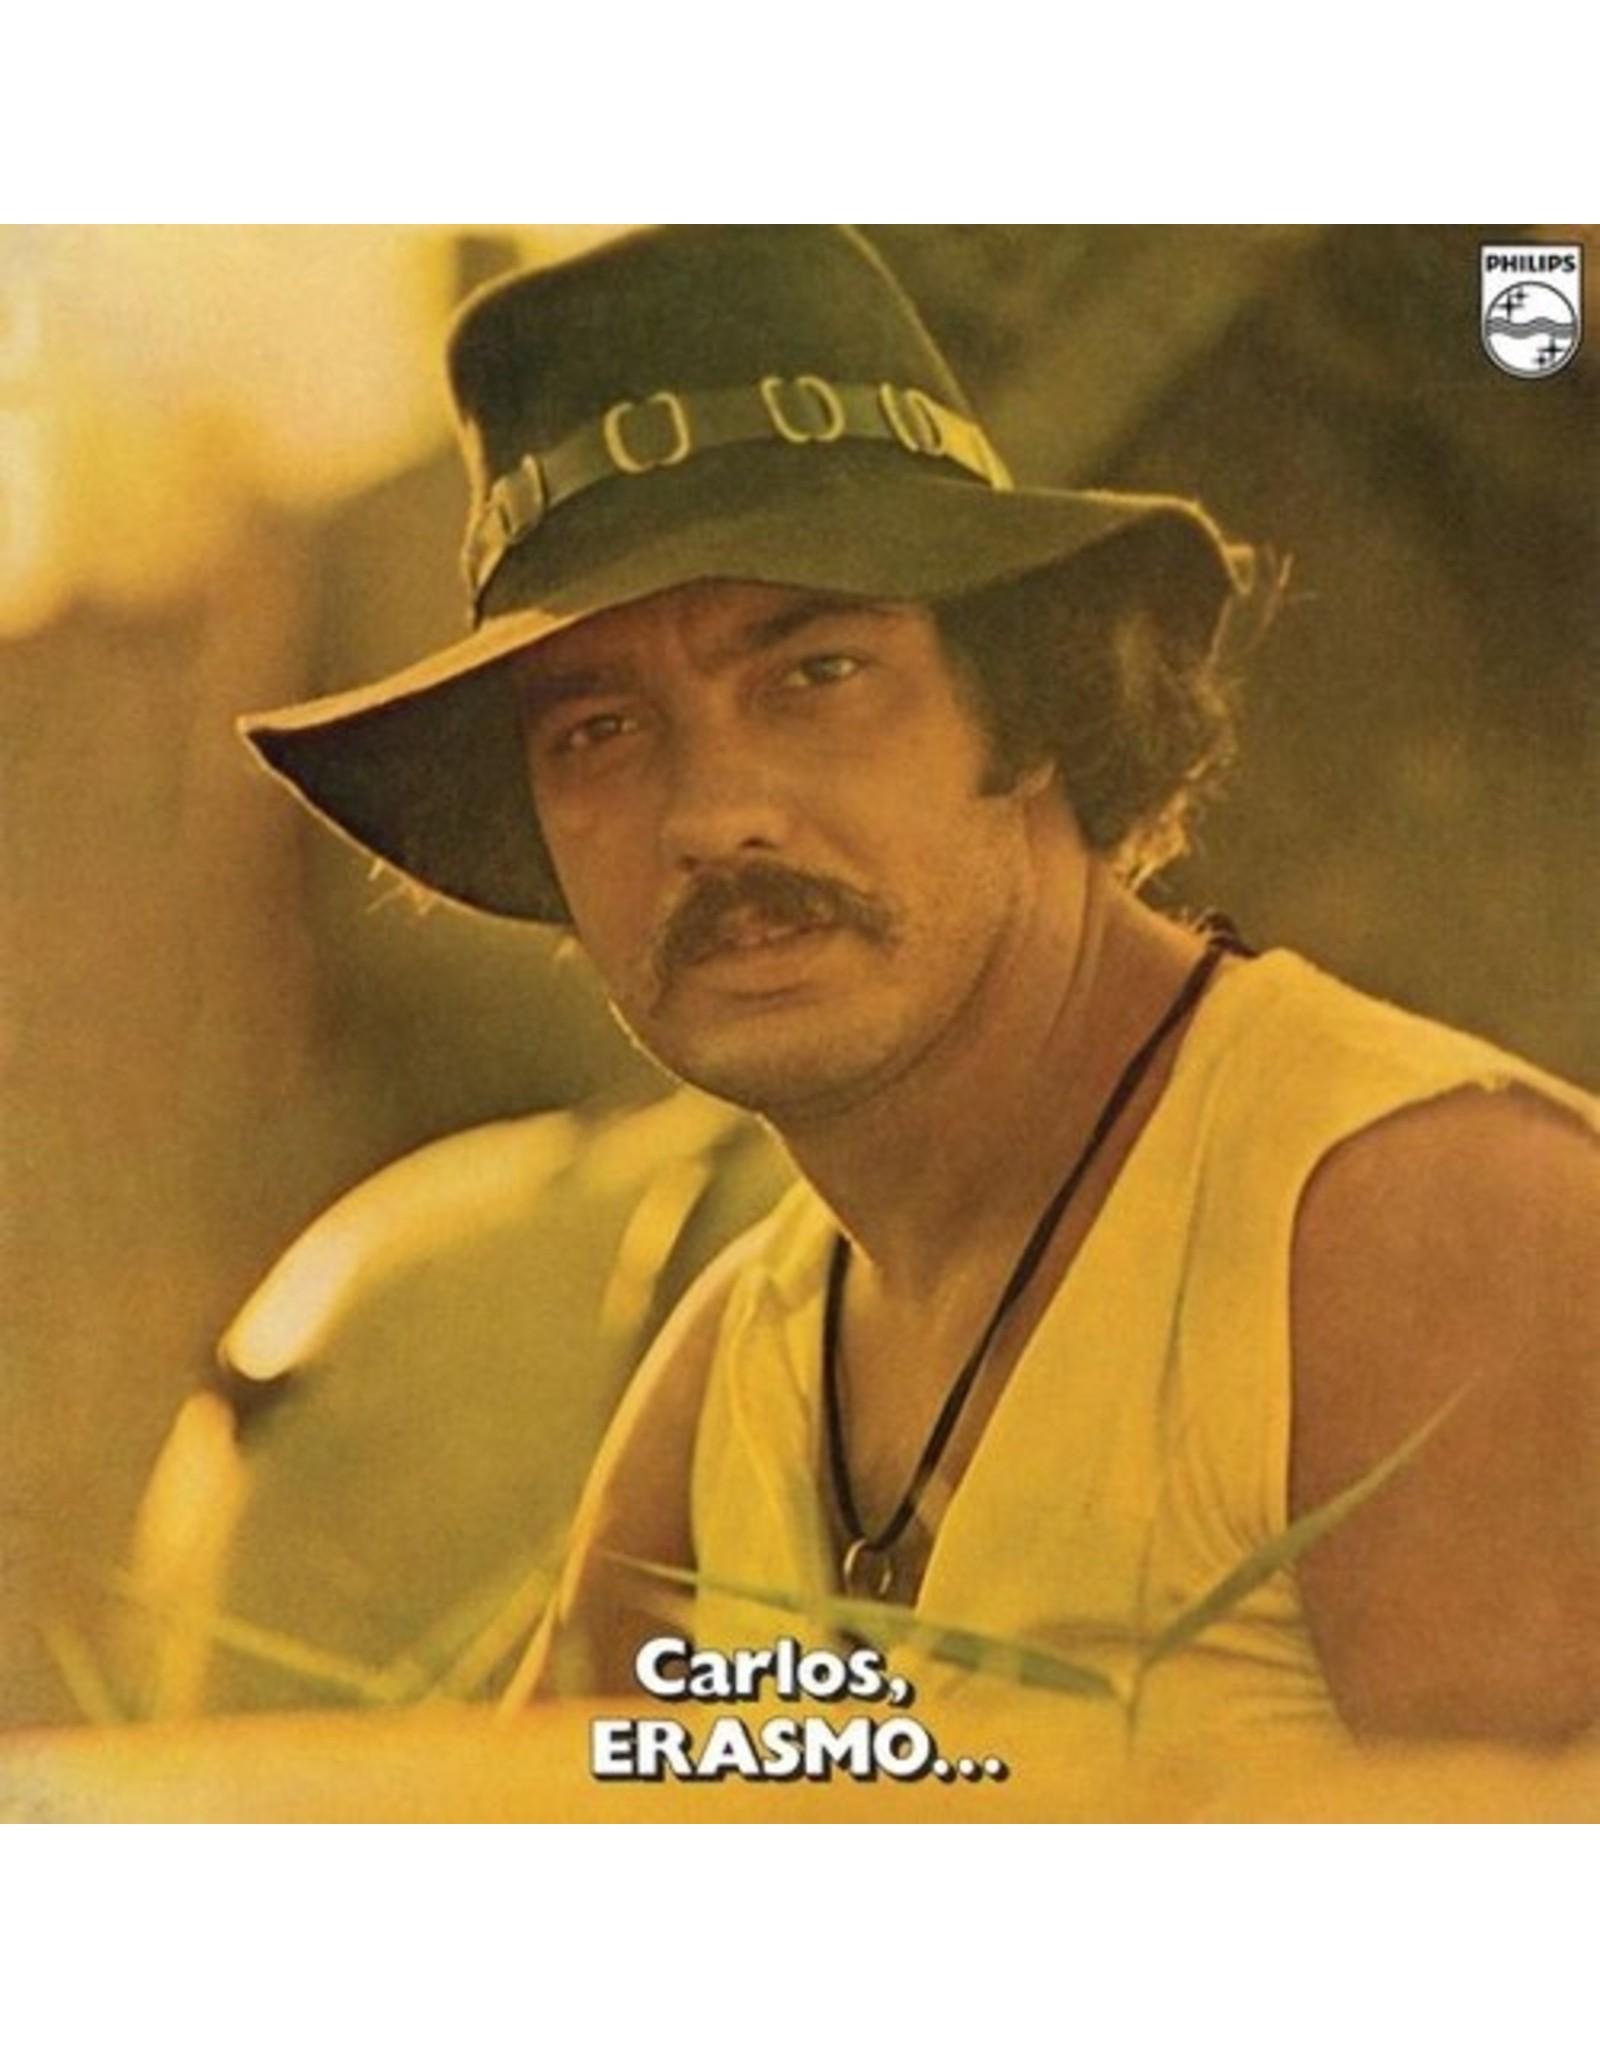 New Vinyl Erasmo Carlos - Carlos, ERASMO [Brazil Import] LP